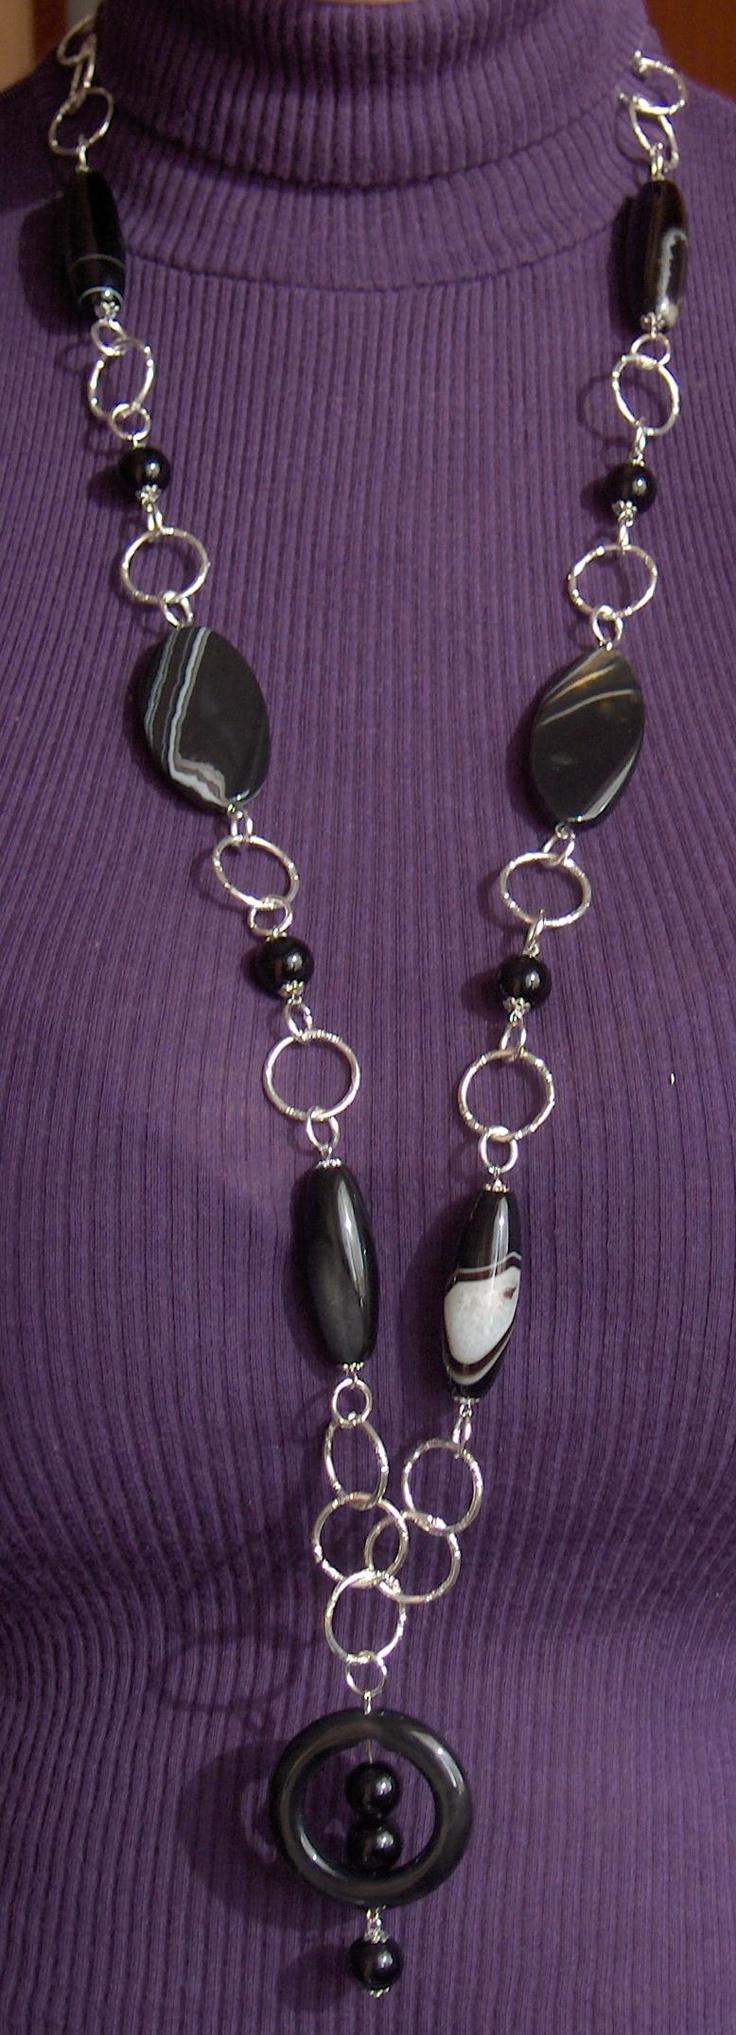 Collana lunga con catena in alluminio argento agate nere striate ed onice